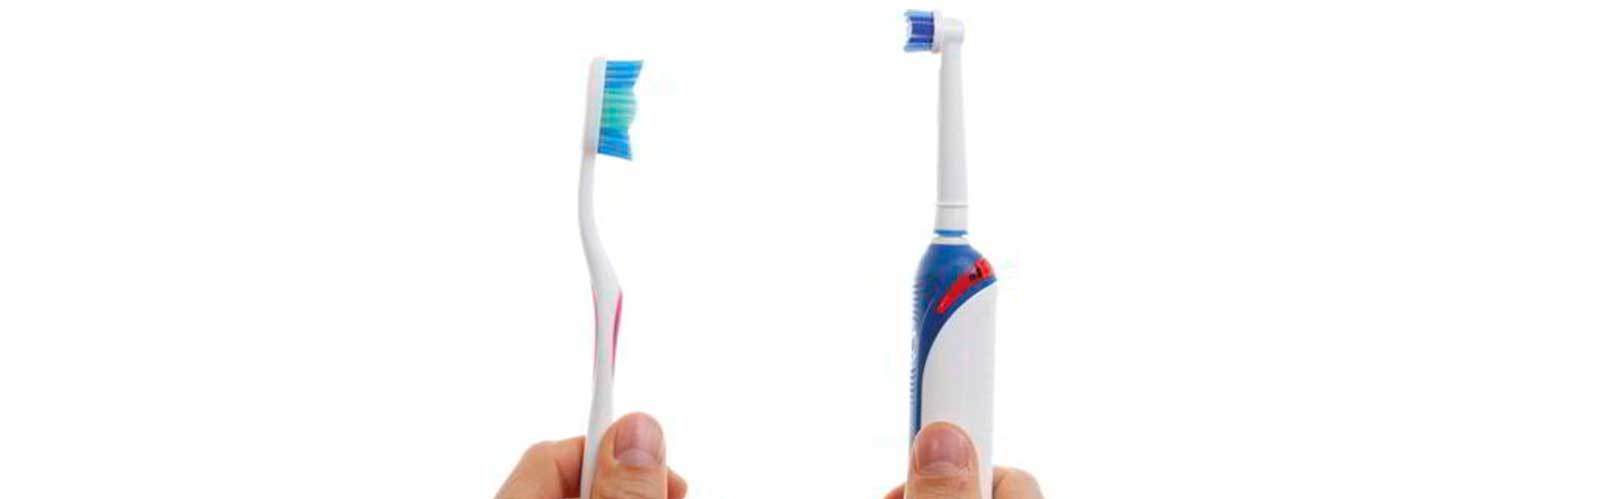 cepilló dental o eléctrico